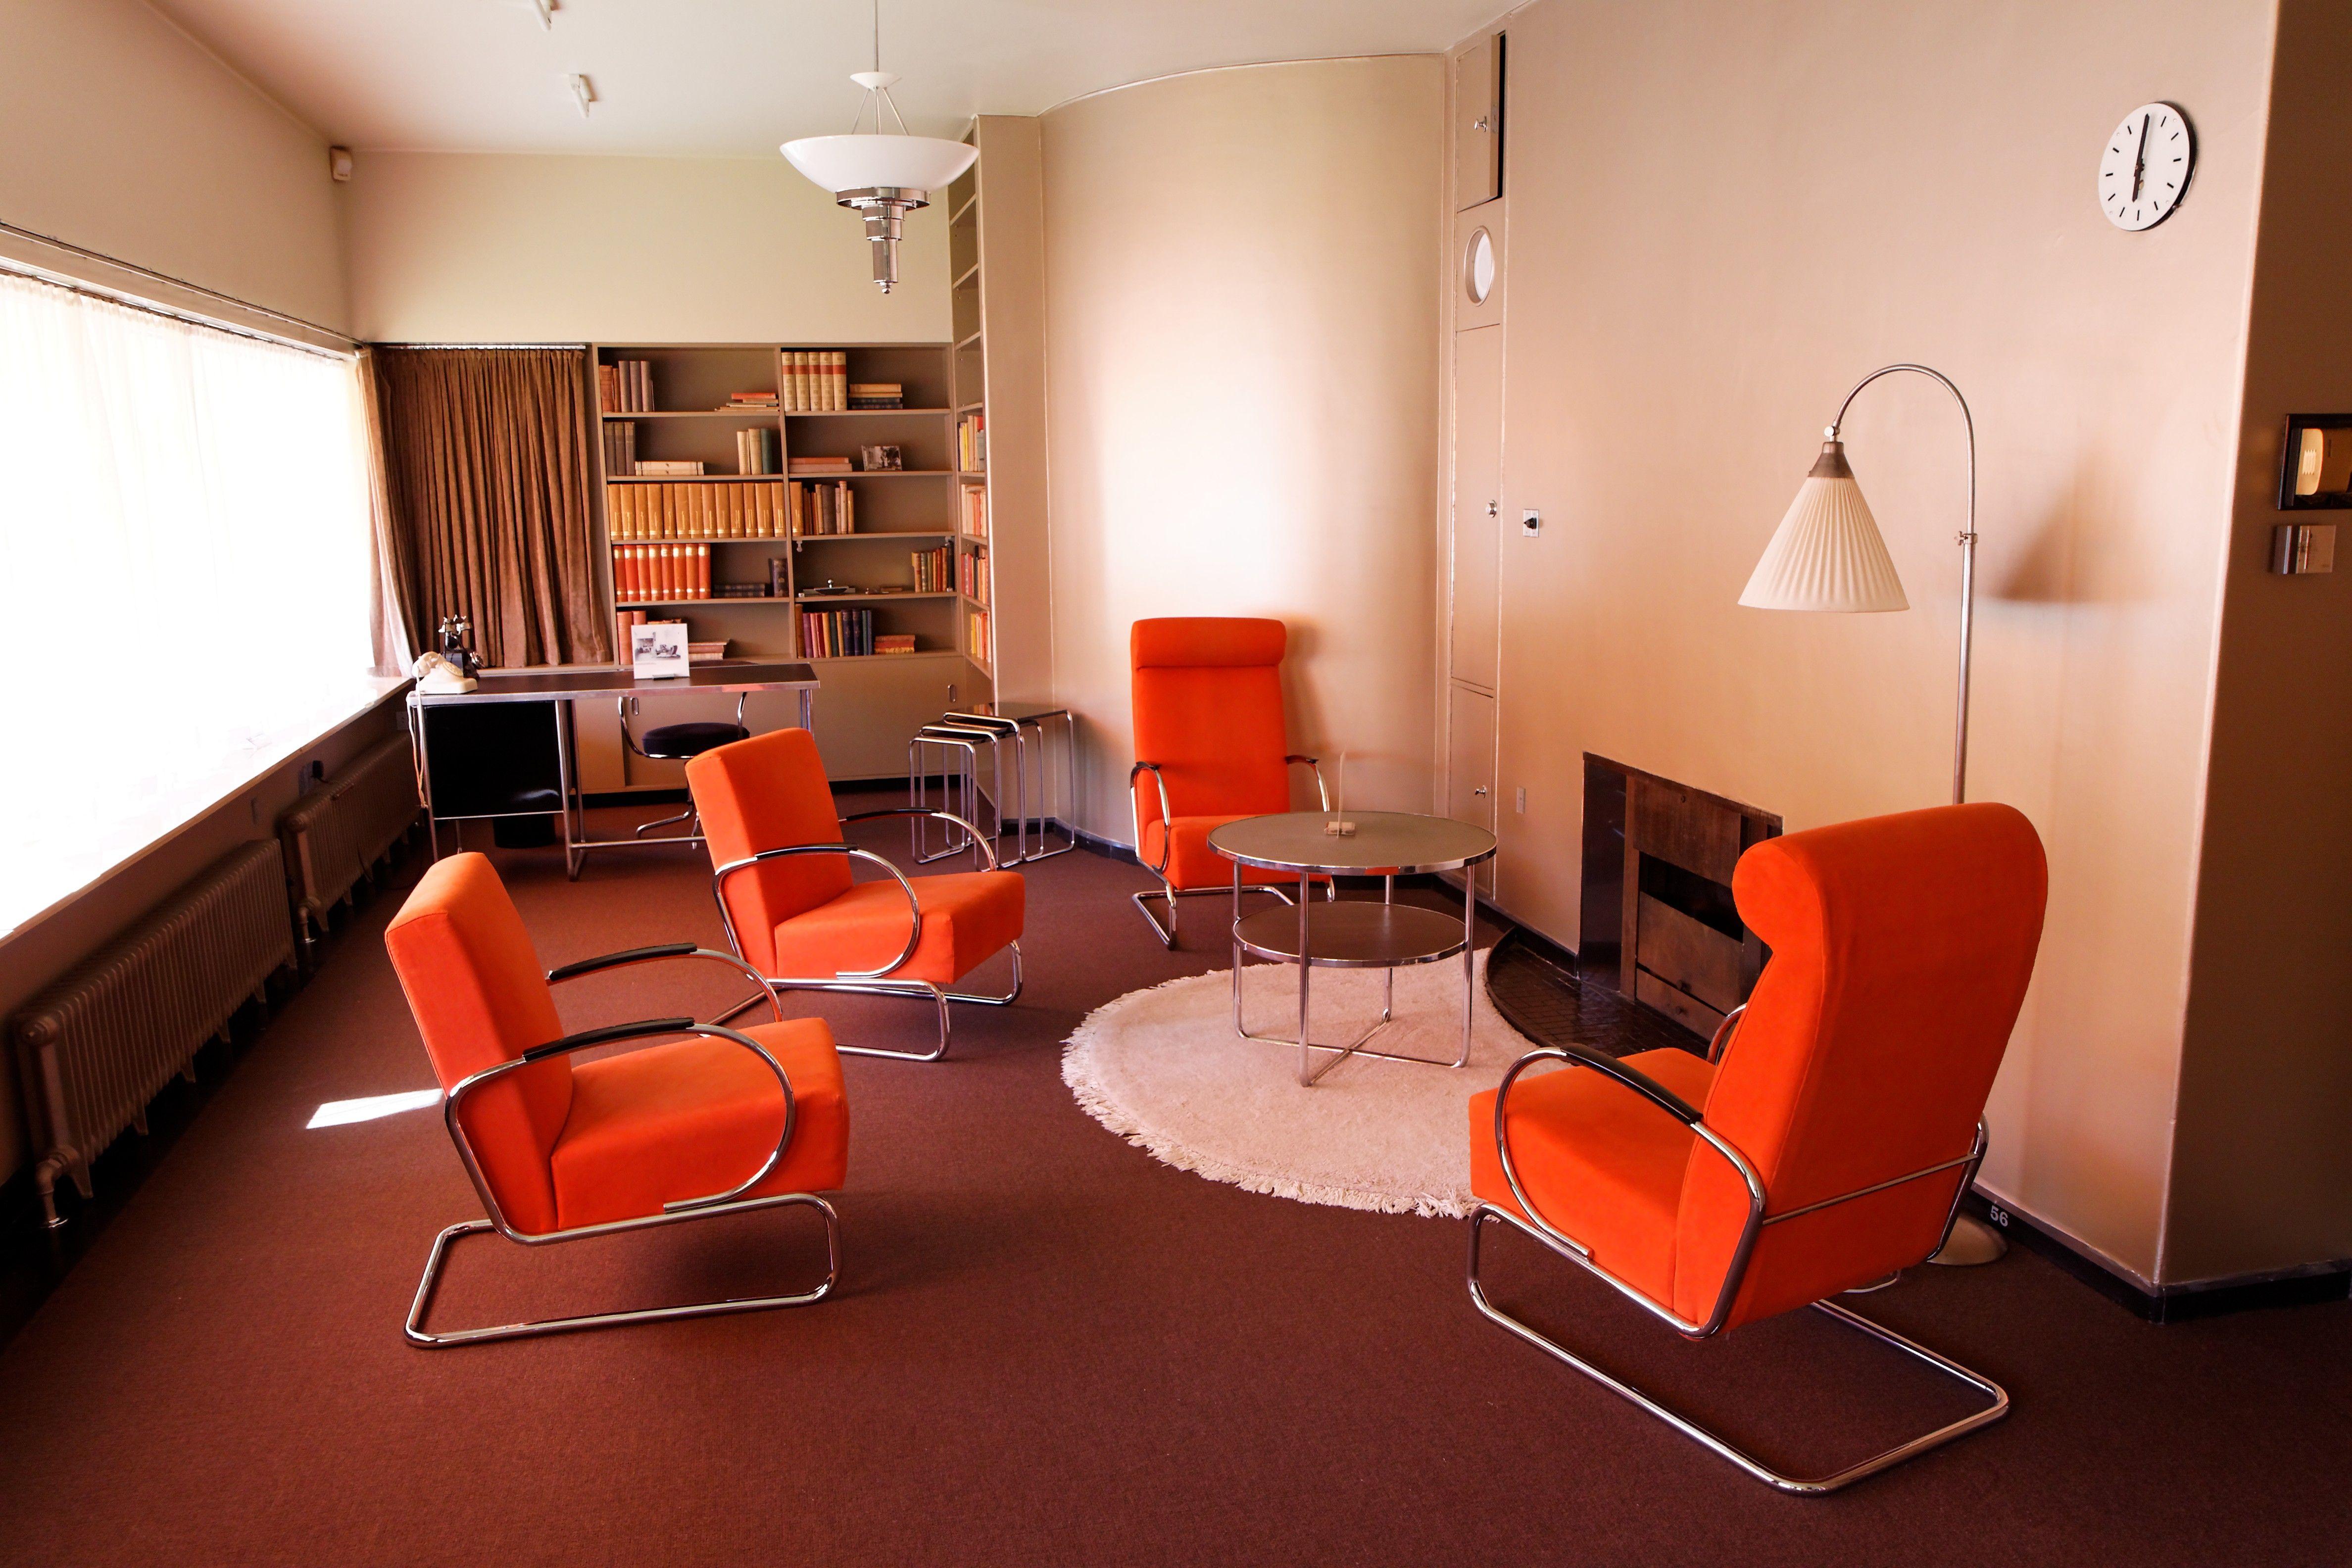 Bibliotheek met van Gispen fauteuils